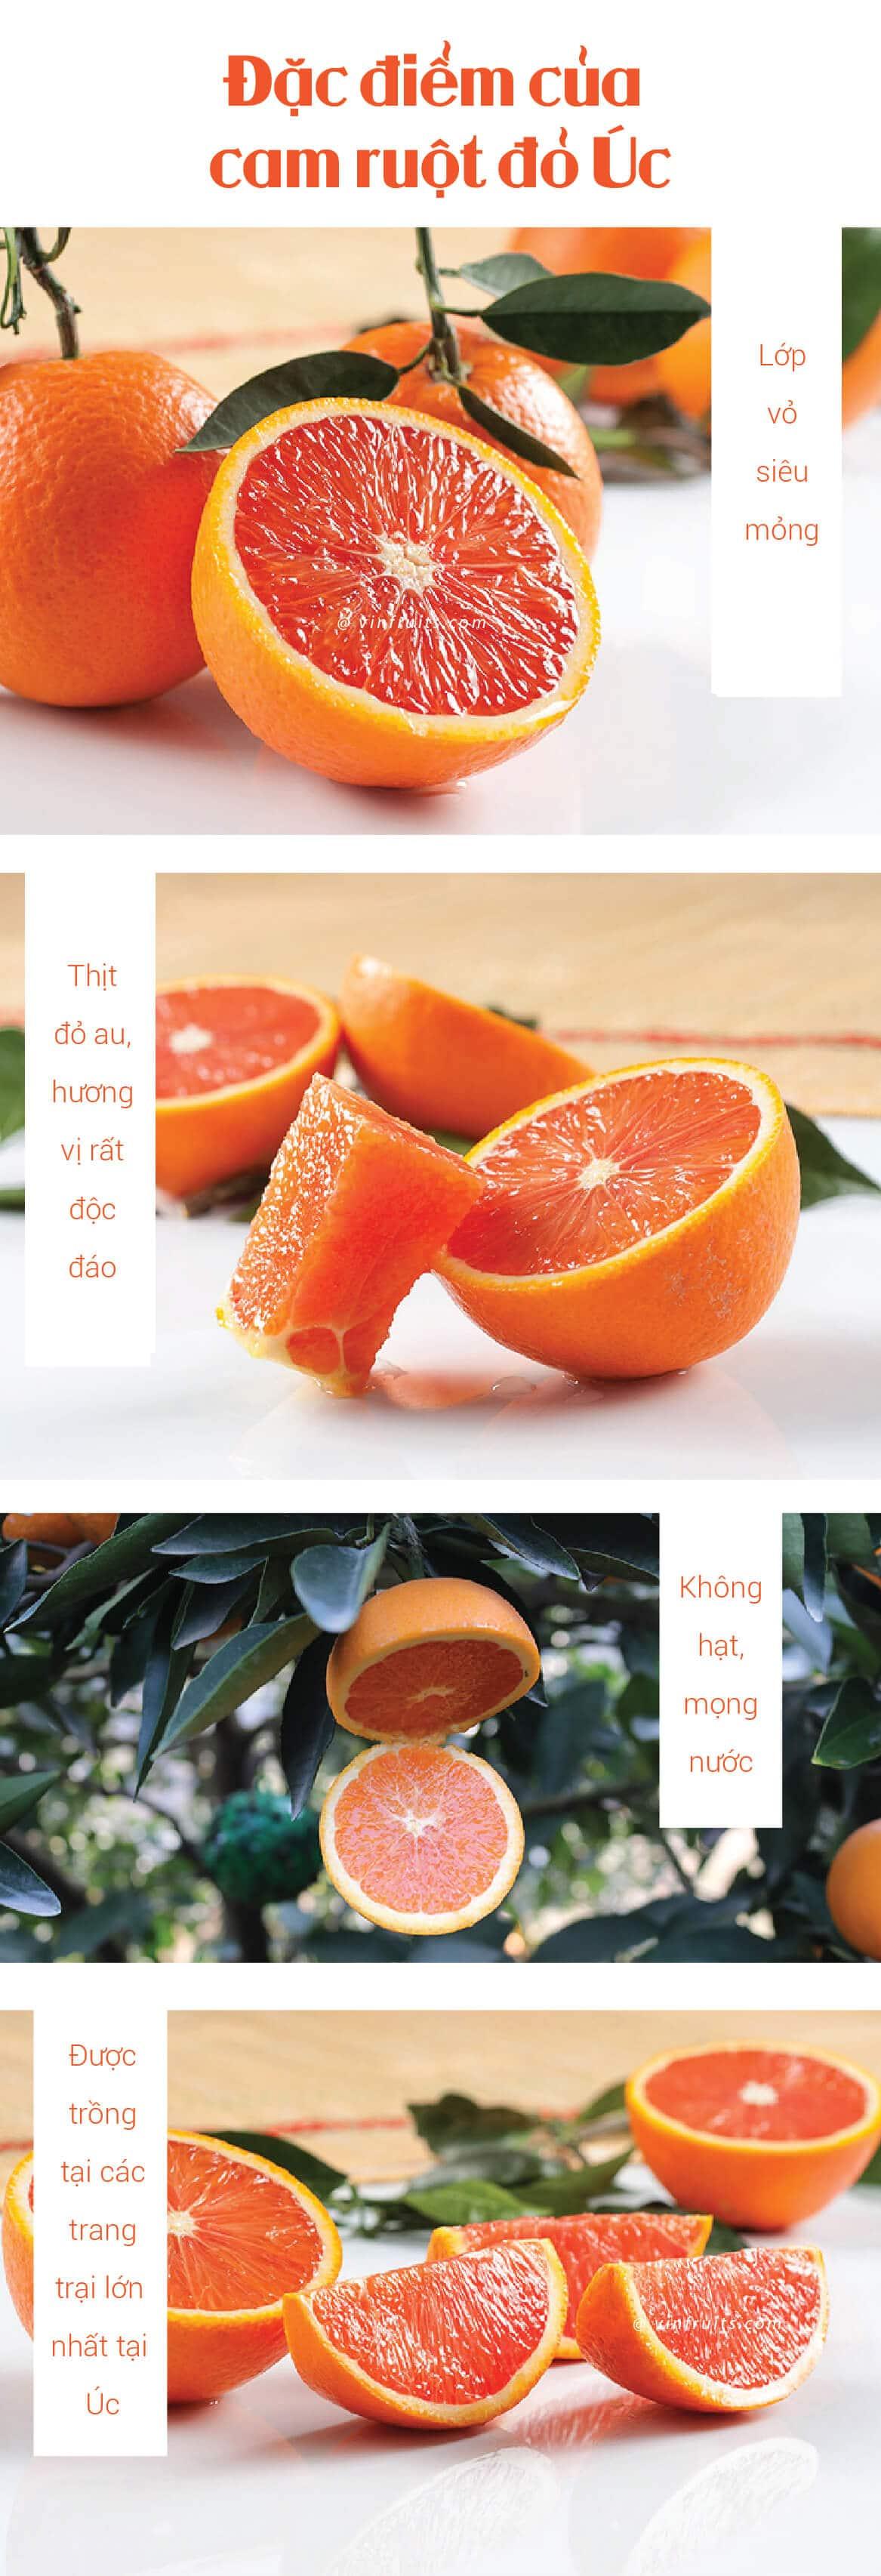 Cam ruot do Cara Uc - vinfruits.com 2